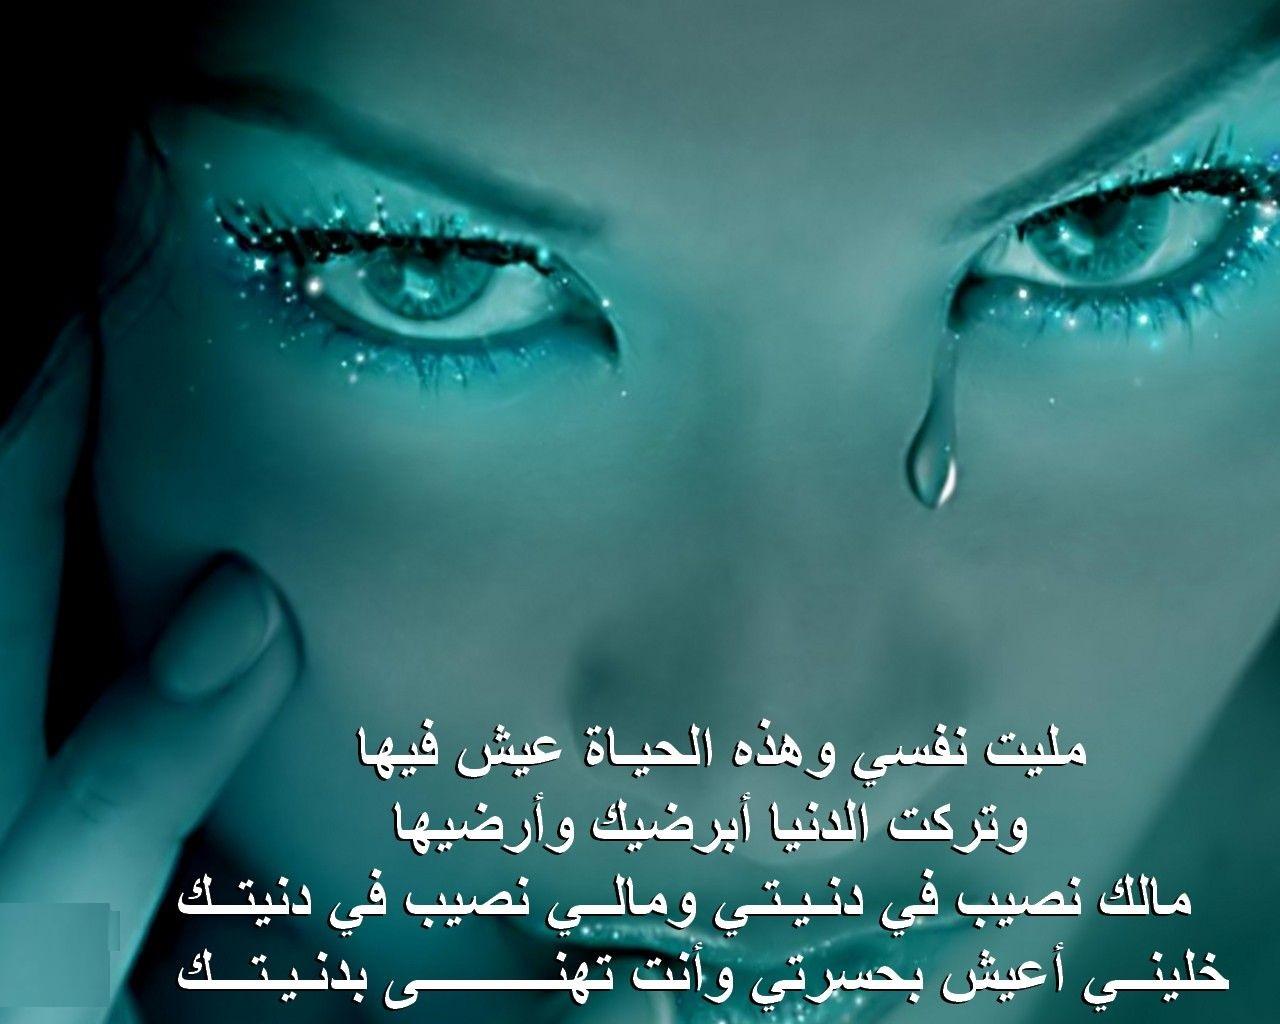 بالصور صور مكتوب عليها كلام حزين , بوستات عليها كلام شجن وحزن 4975 5